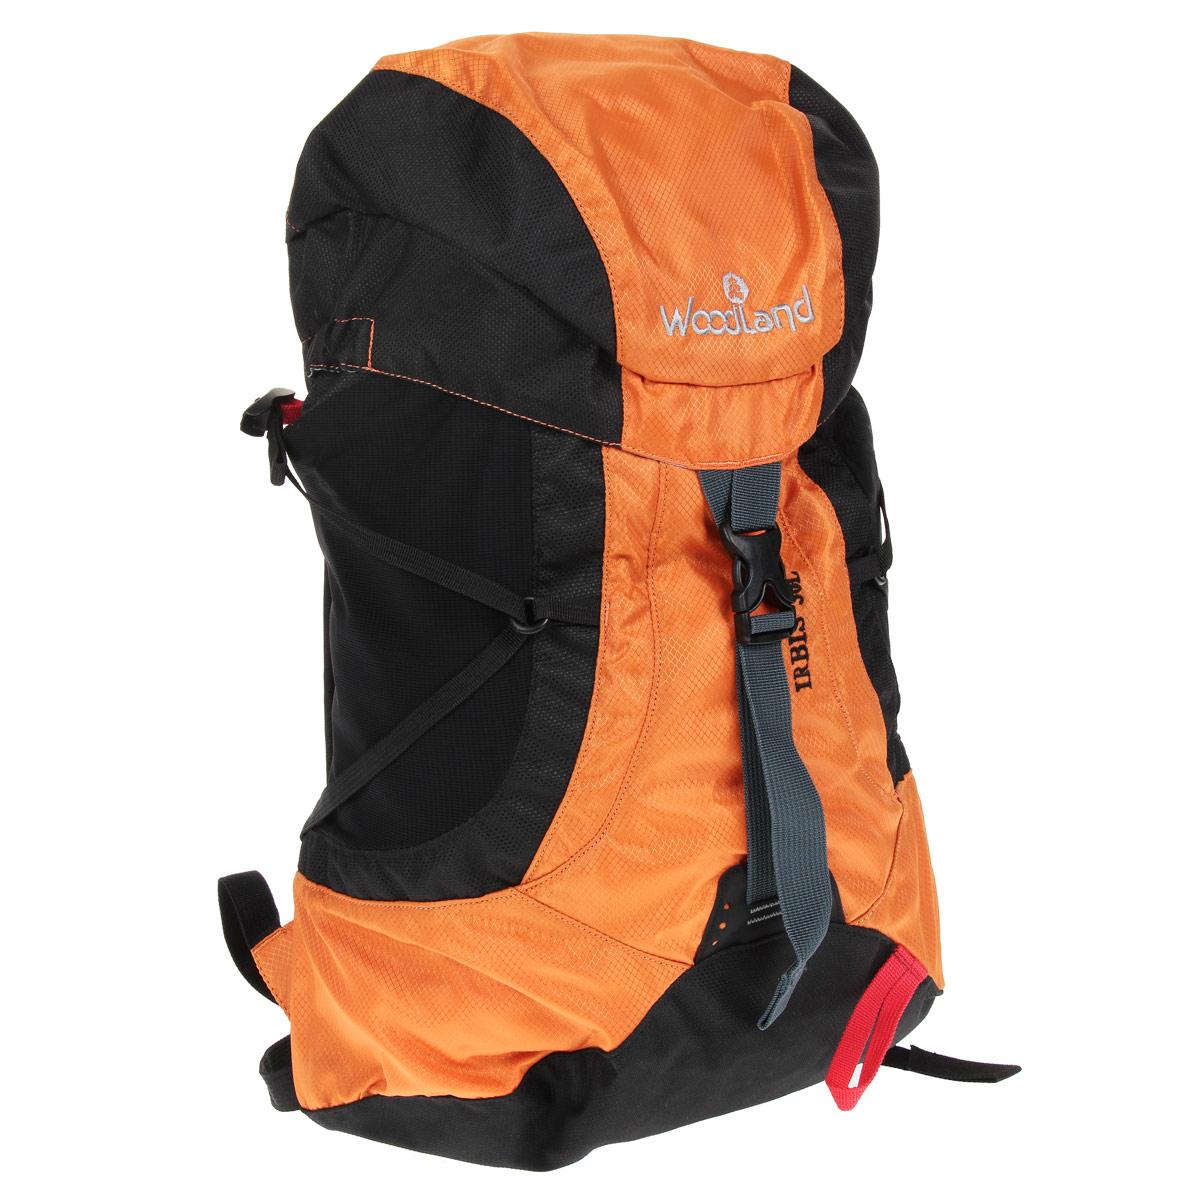 Рюкзак WoodLand Irbis 30, цвет: оранжевый, черный30783Классический универсальный рюкзак WoodLand Irbis 30 идеально подходит для восхождений в альпийском стиле, коротких походов и лыжных маршрутов. Компактный и легкий он прекрасно сидит на спине, не стесняя движений. Особенности рюкзака: Клапан несъемный с двумя карманами. Два кармашка на молнии на поясном ремне. Три внутренних кармашка (один на молнии). Raincover (защитный чехол) в комплекте. Два стрейч кармана на лямках. Вентилируемые лямки. Грудная стяжка с резиновым компенсатором. Пластиковая фурнитура YKK.